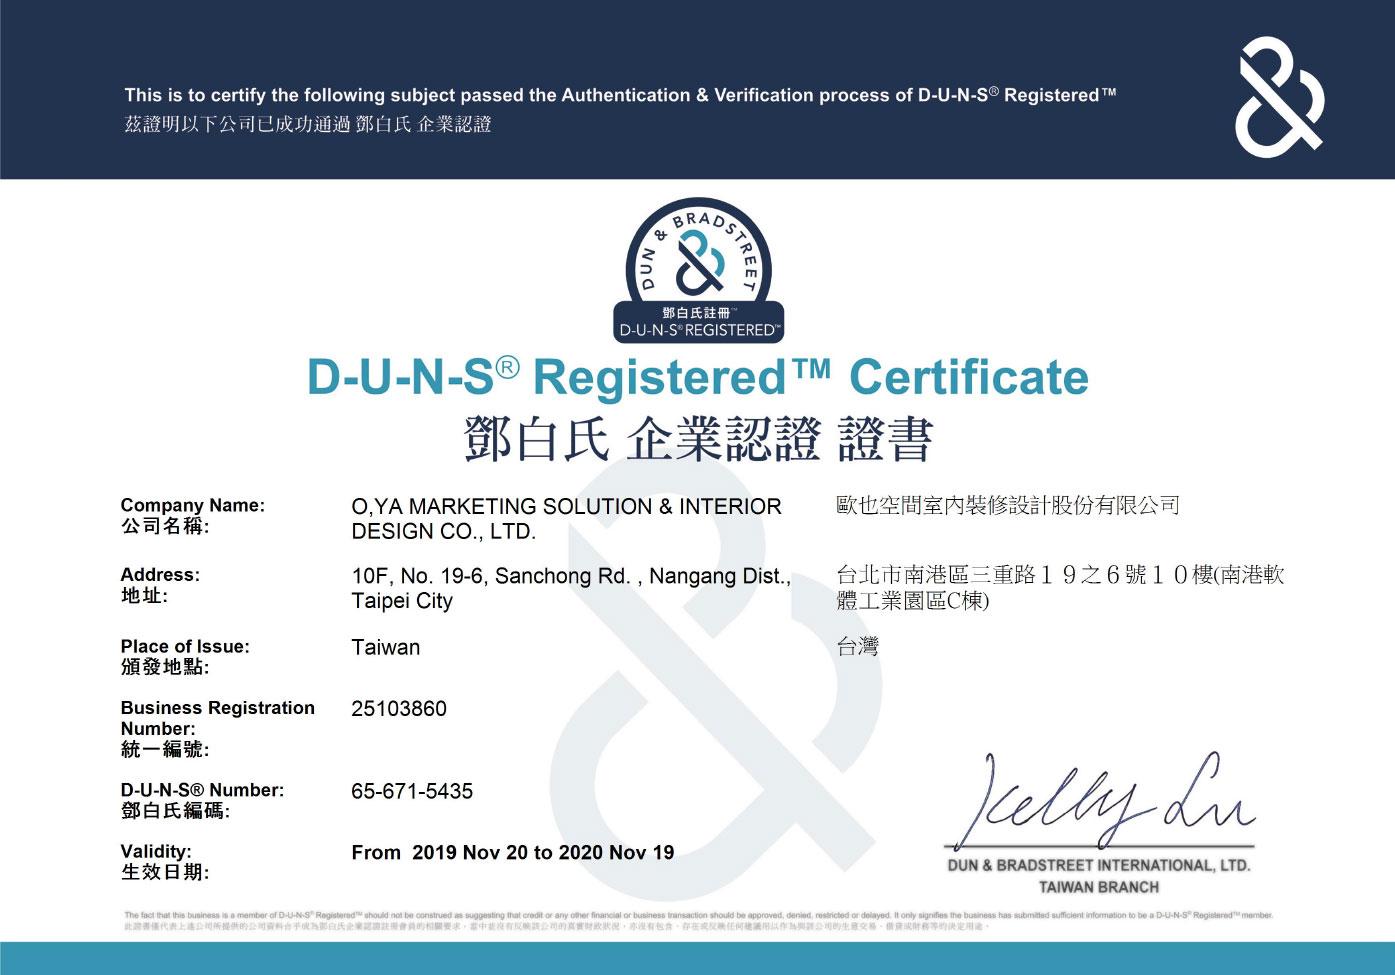 國際認證 - 鄧白氏企業認證DUNS Registered - 歐也空間展場設計公司